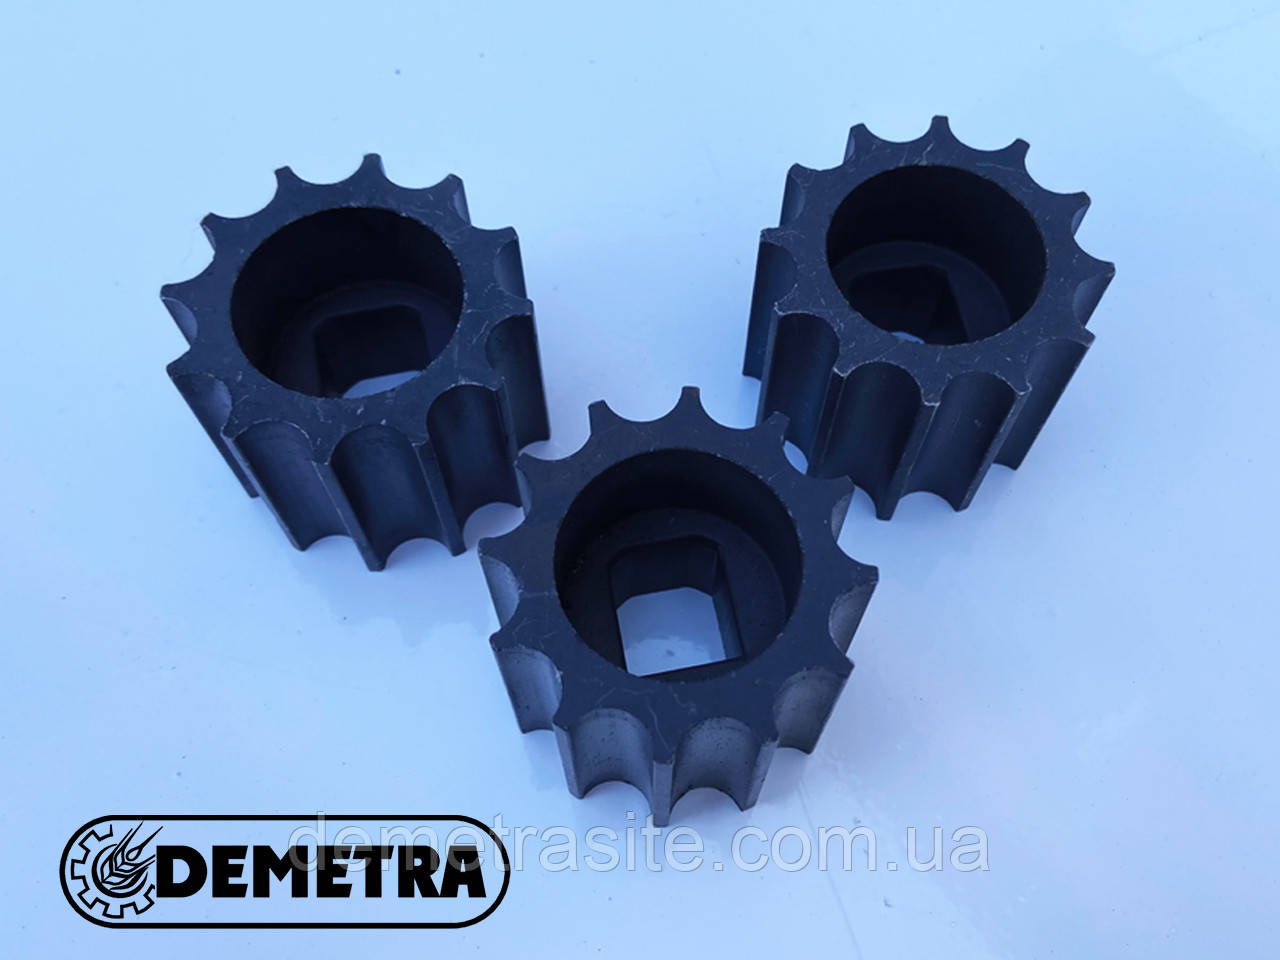 Котушка(металокераміка) Н 108.05.002 висівного апарату СЗГ 00.2420; СЗГ 00.2430 СЗ 3,6 СЗ 5,4 СЗП СЗТ